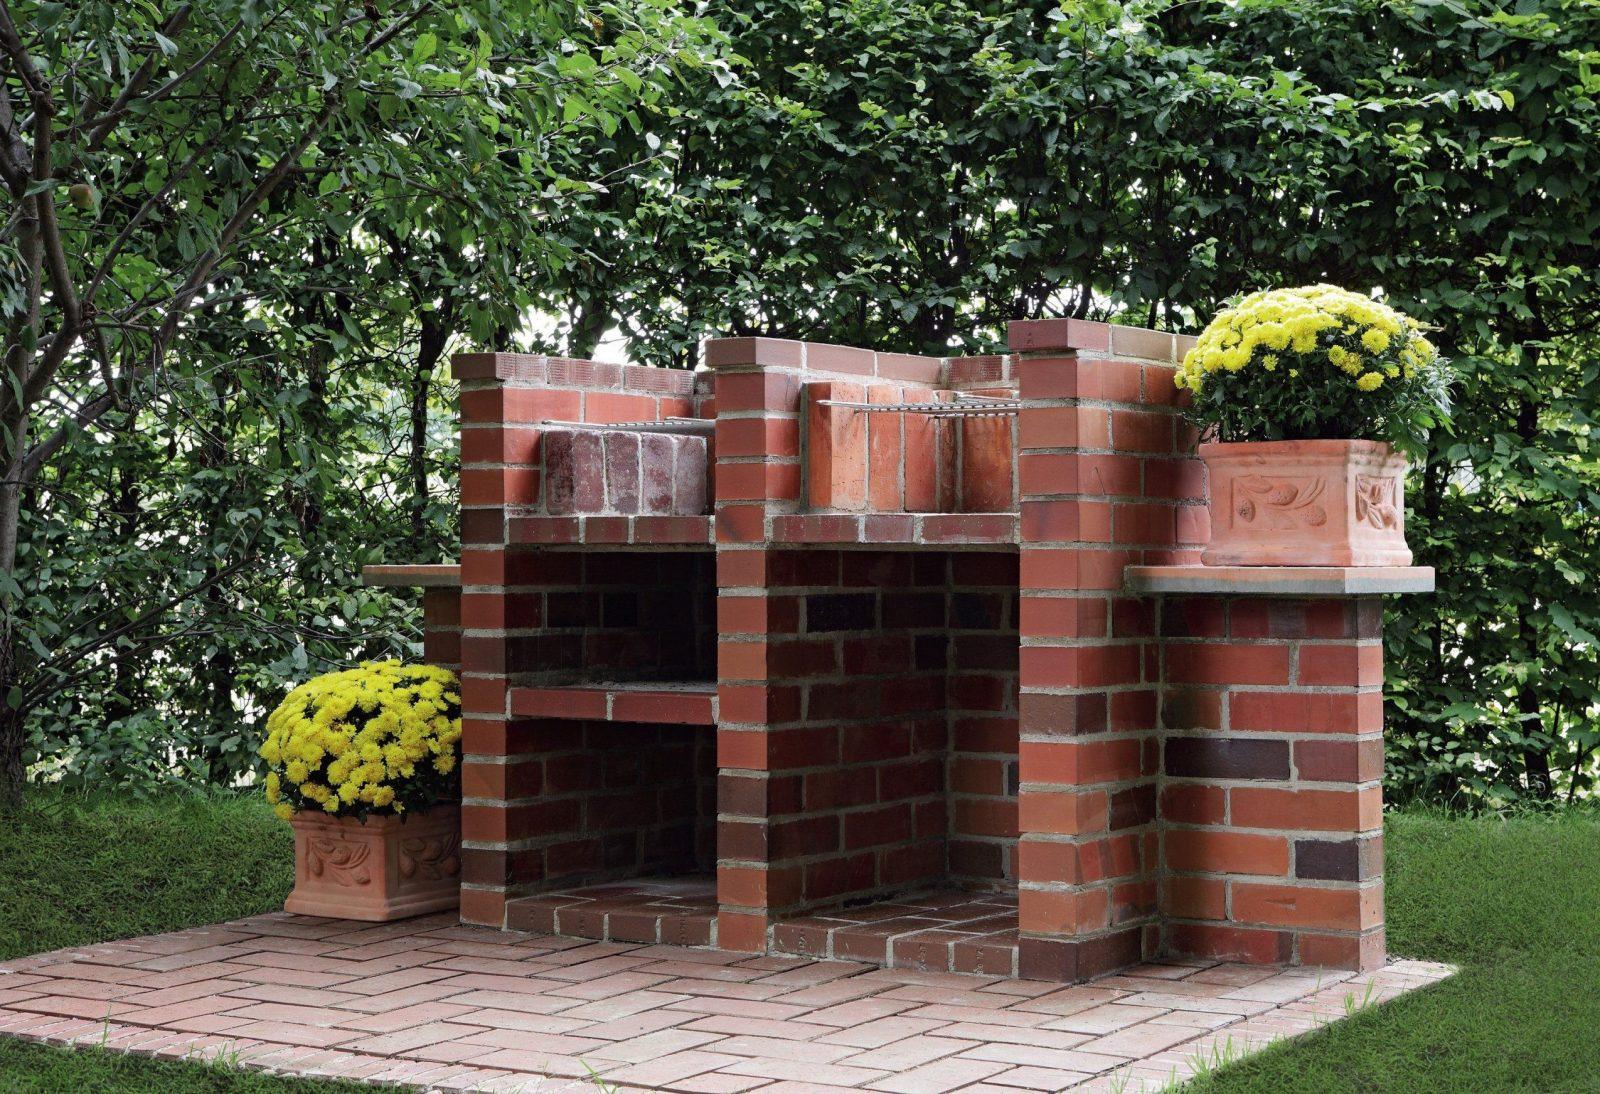 gartenbank beton selber bauen good diy sichtschutz aus einer avec von sichtschutz aus stein. Black Bedroom Furniture Sets. Home Design Ideas